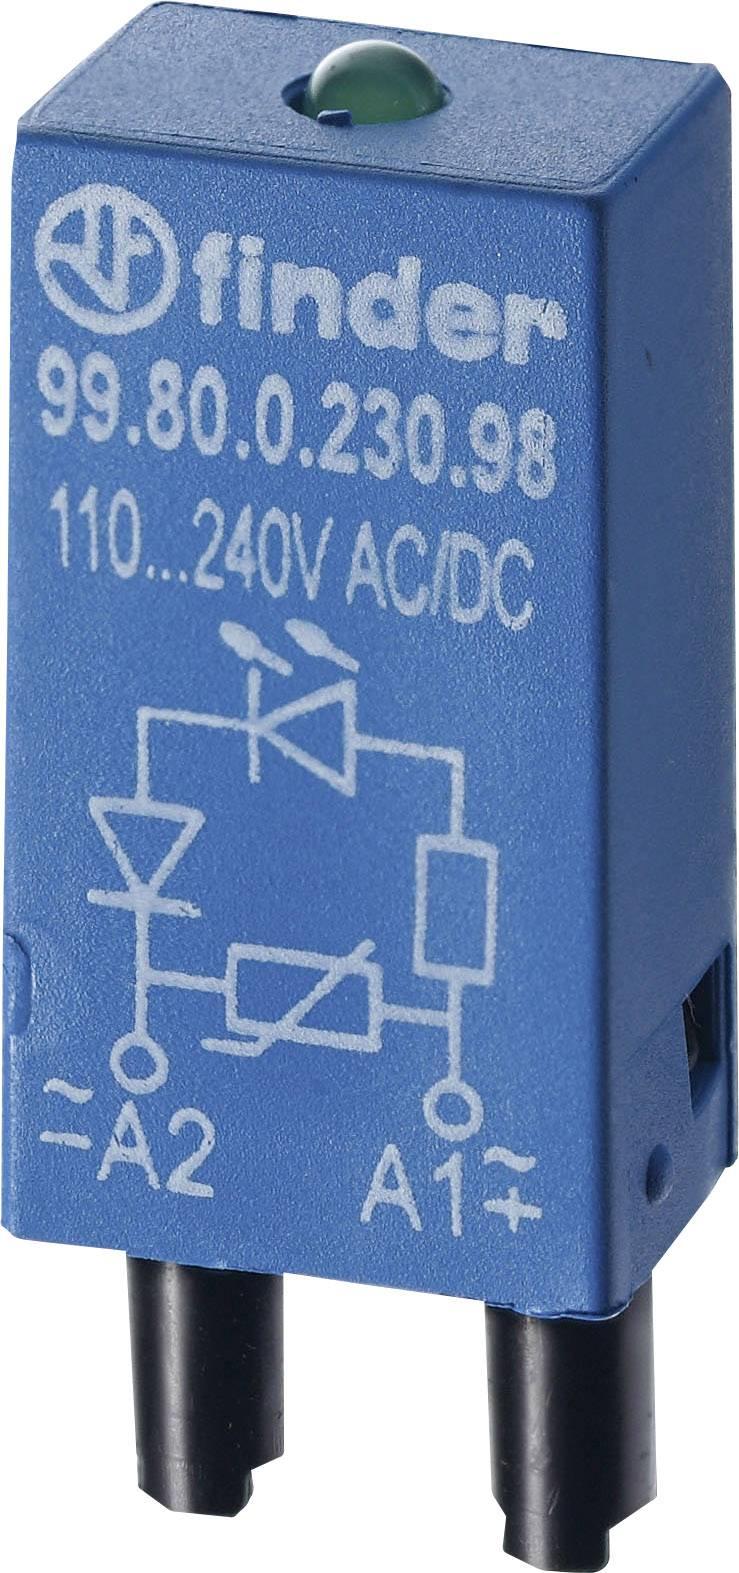 Zasouvací modul s diodou Finder 99.80.0.024.98 barva světla: zelená